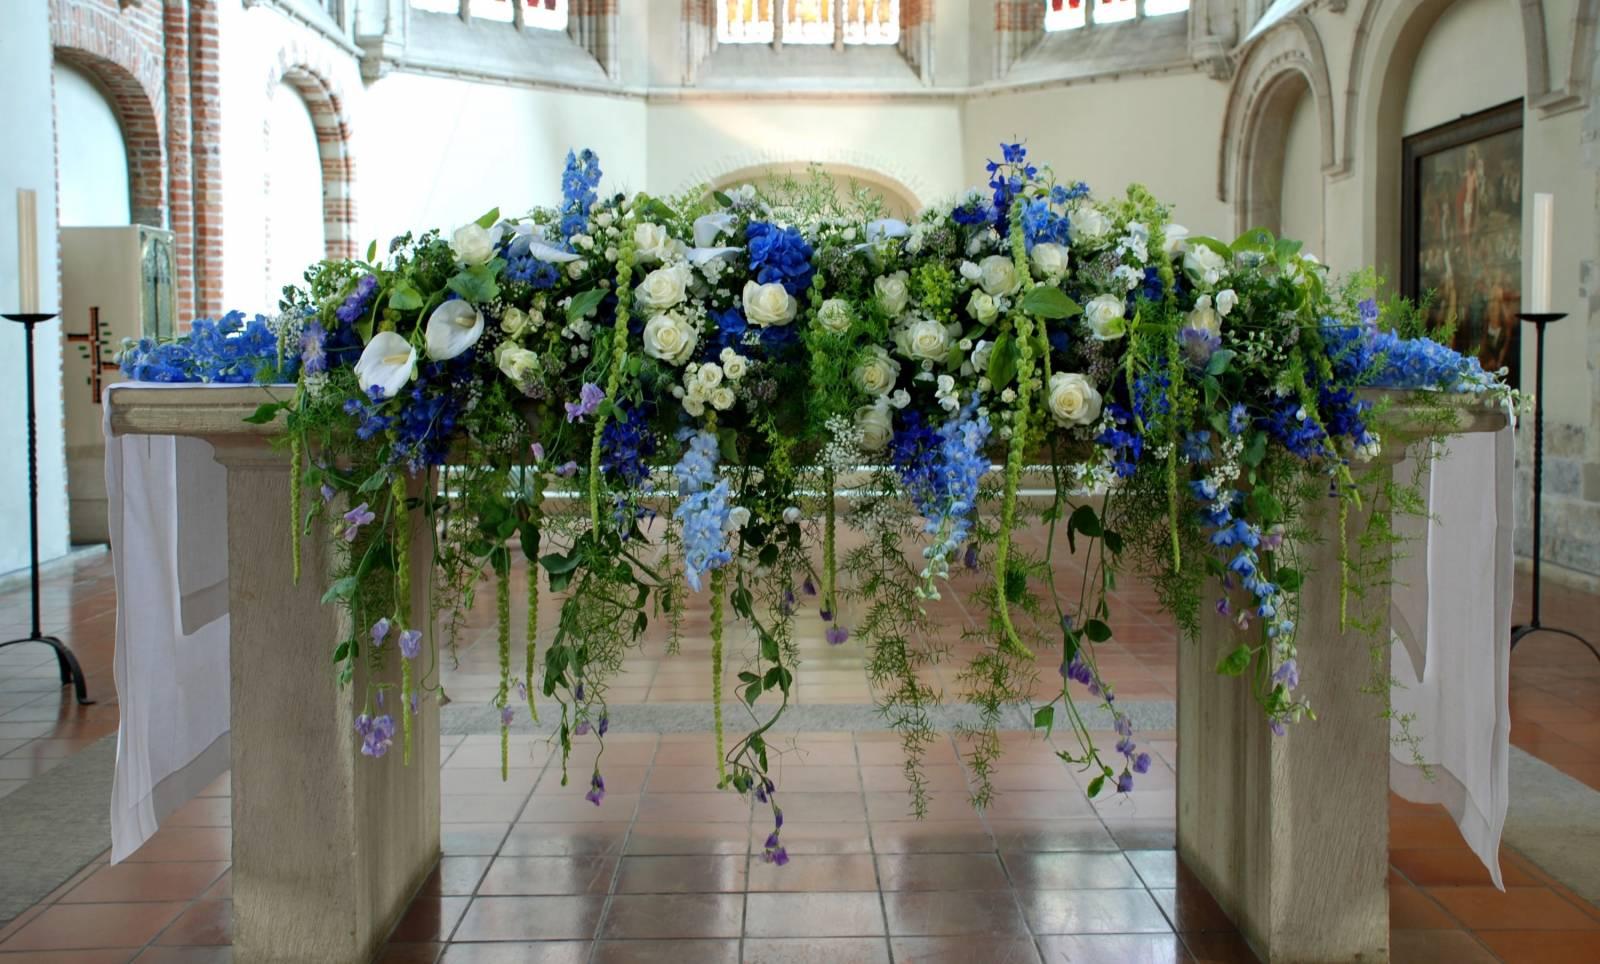 Floral Artists - Bloemen huwelijk trouw bruiloft - Bruidsboeket - Bloemendecoratie - House of Weddings - 3